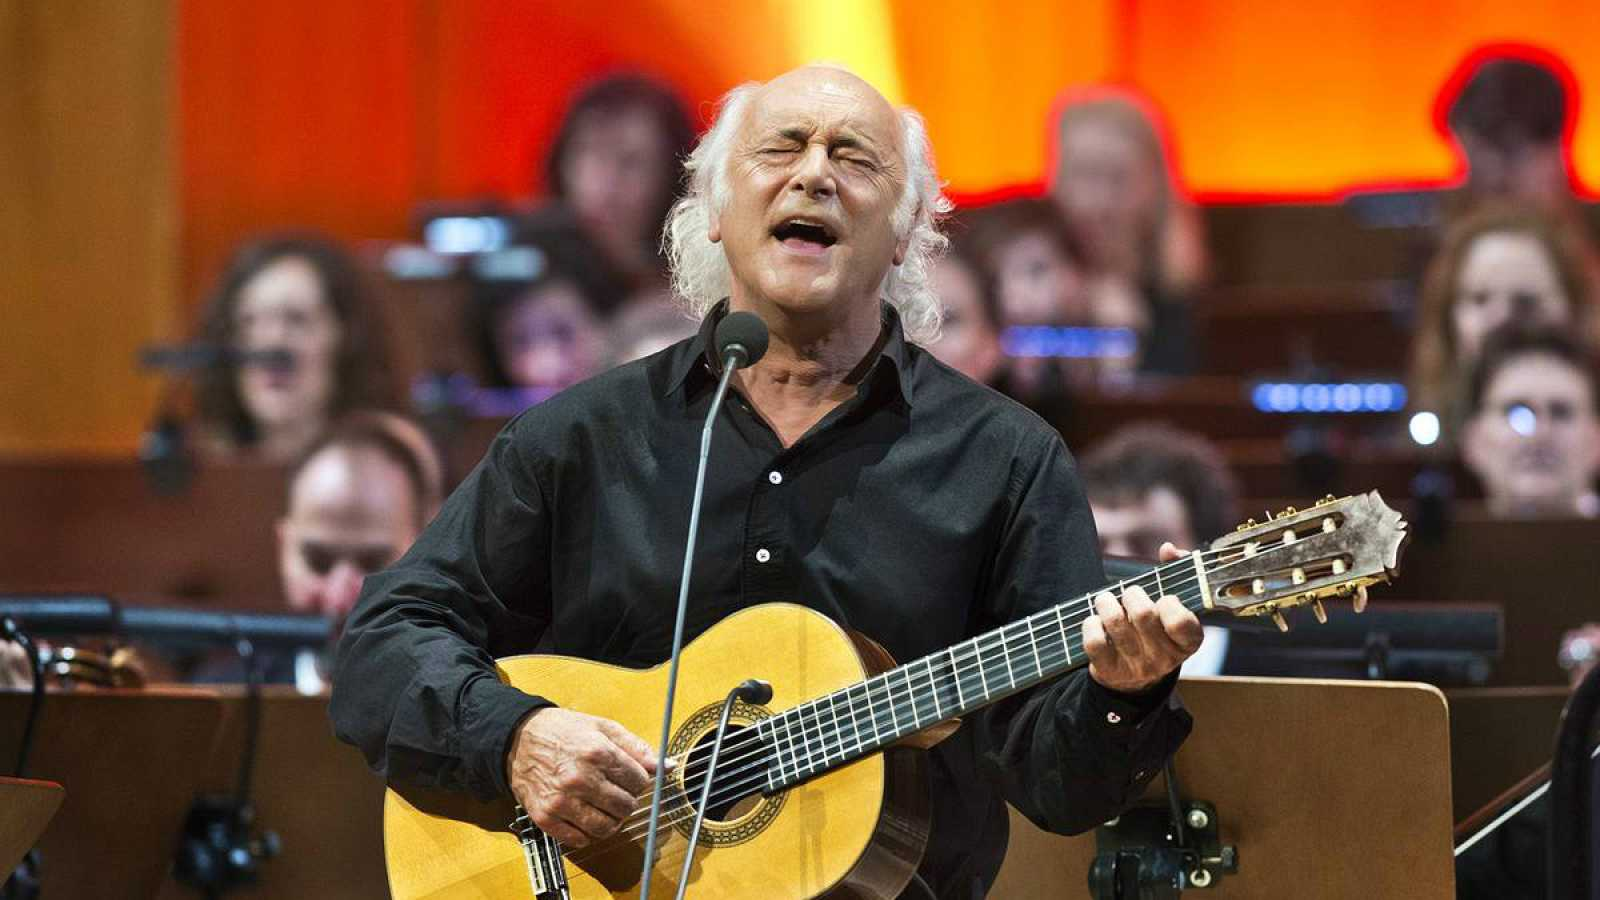 Fila cero - Festival Internacional de Música y Danza de Granada - 26/06/16 - escuchar ahora